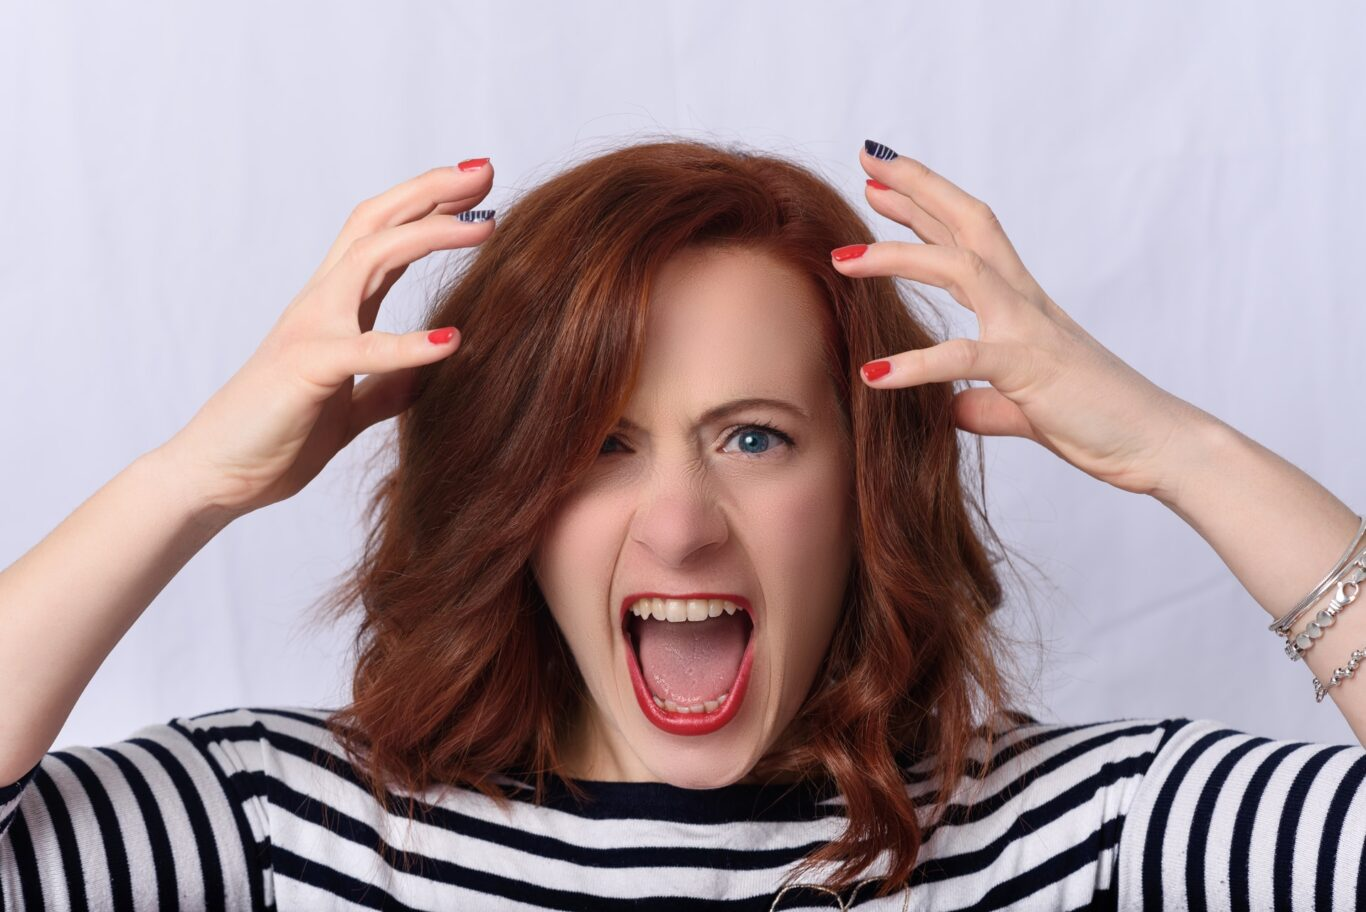 πως εκφράζετε το θυμό σας;